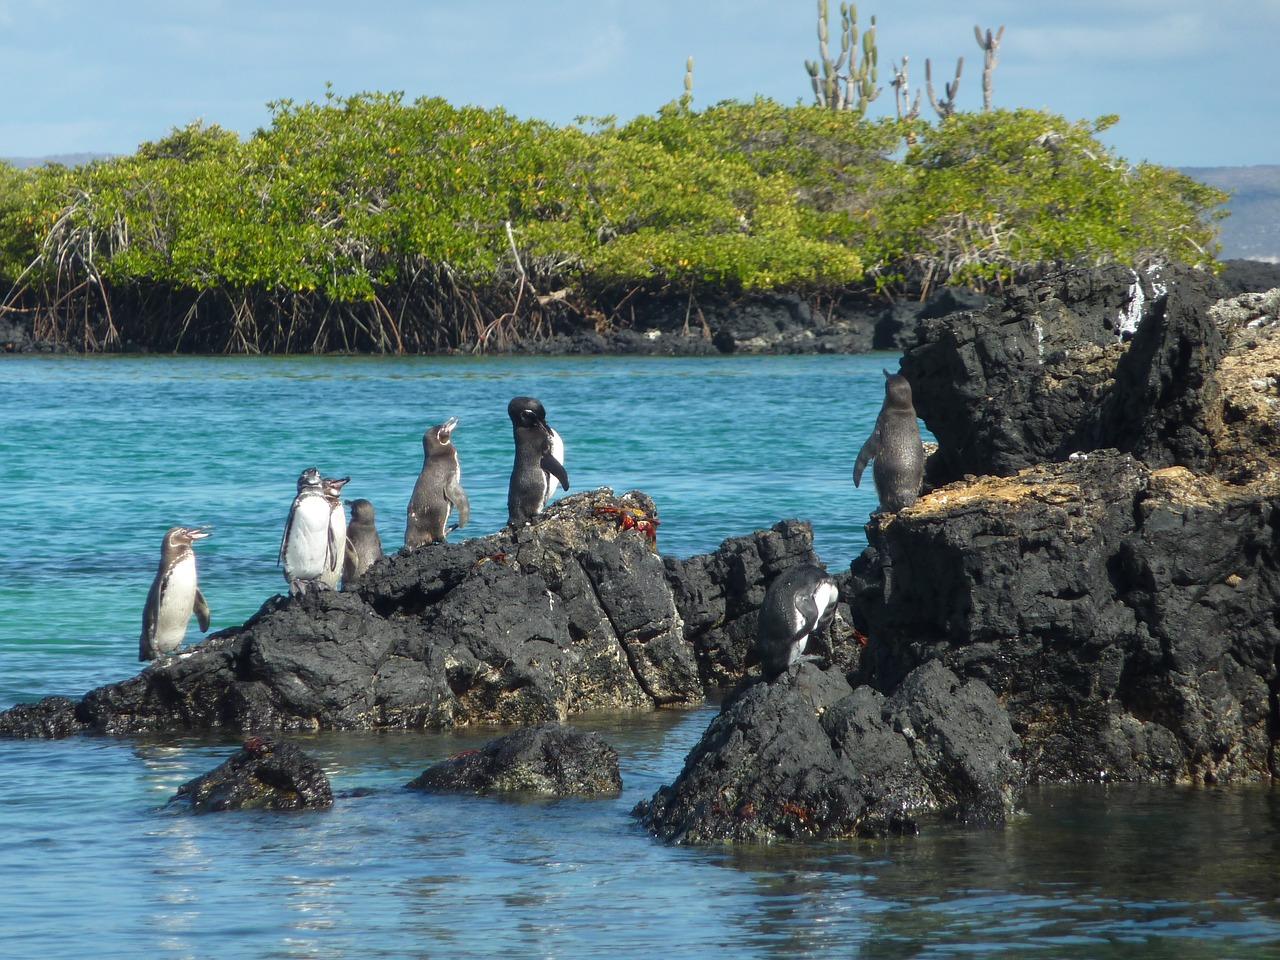 galapagos-penguin-1664625_1280.jpg